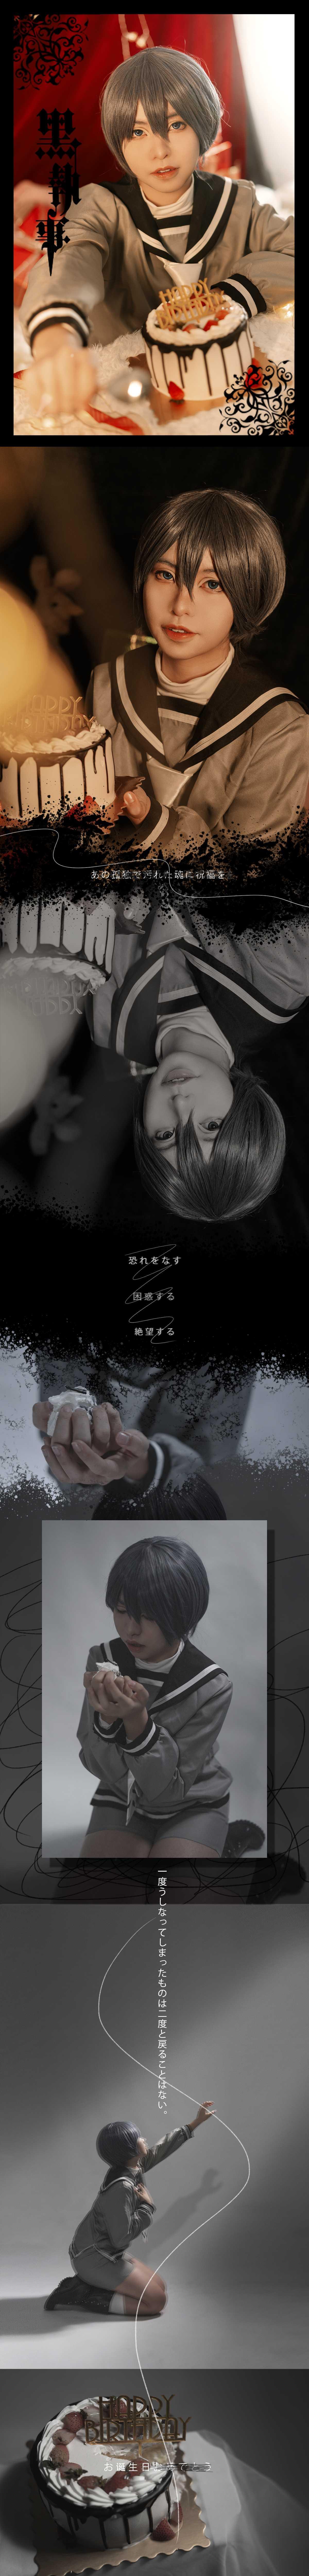 《黑执事》正片cosplay【CN:默熙_mo】-第12张